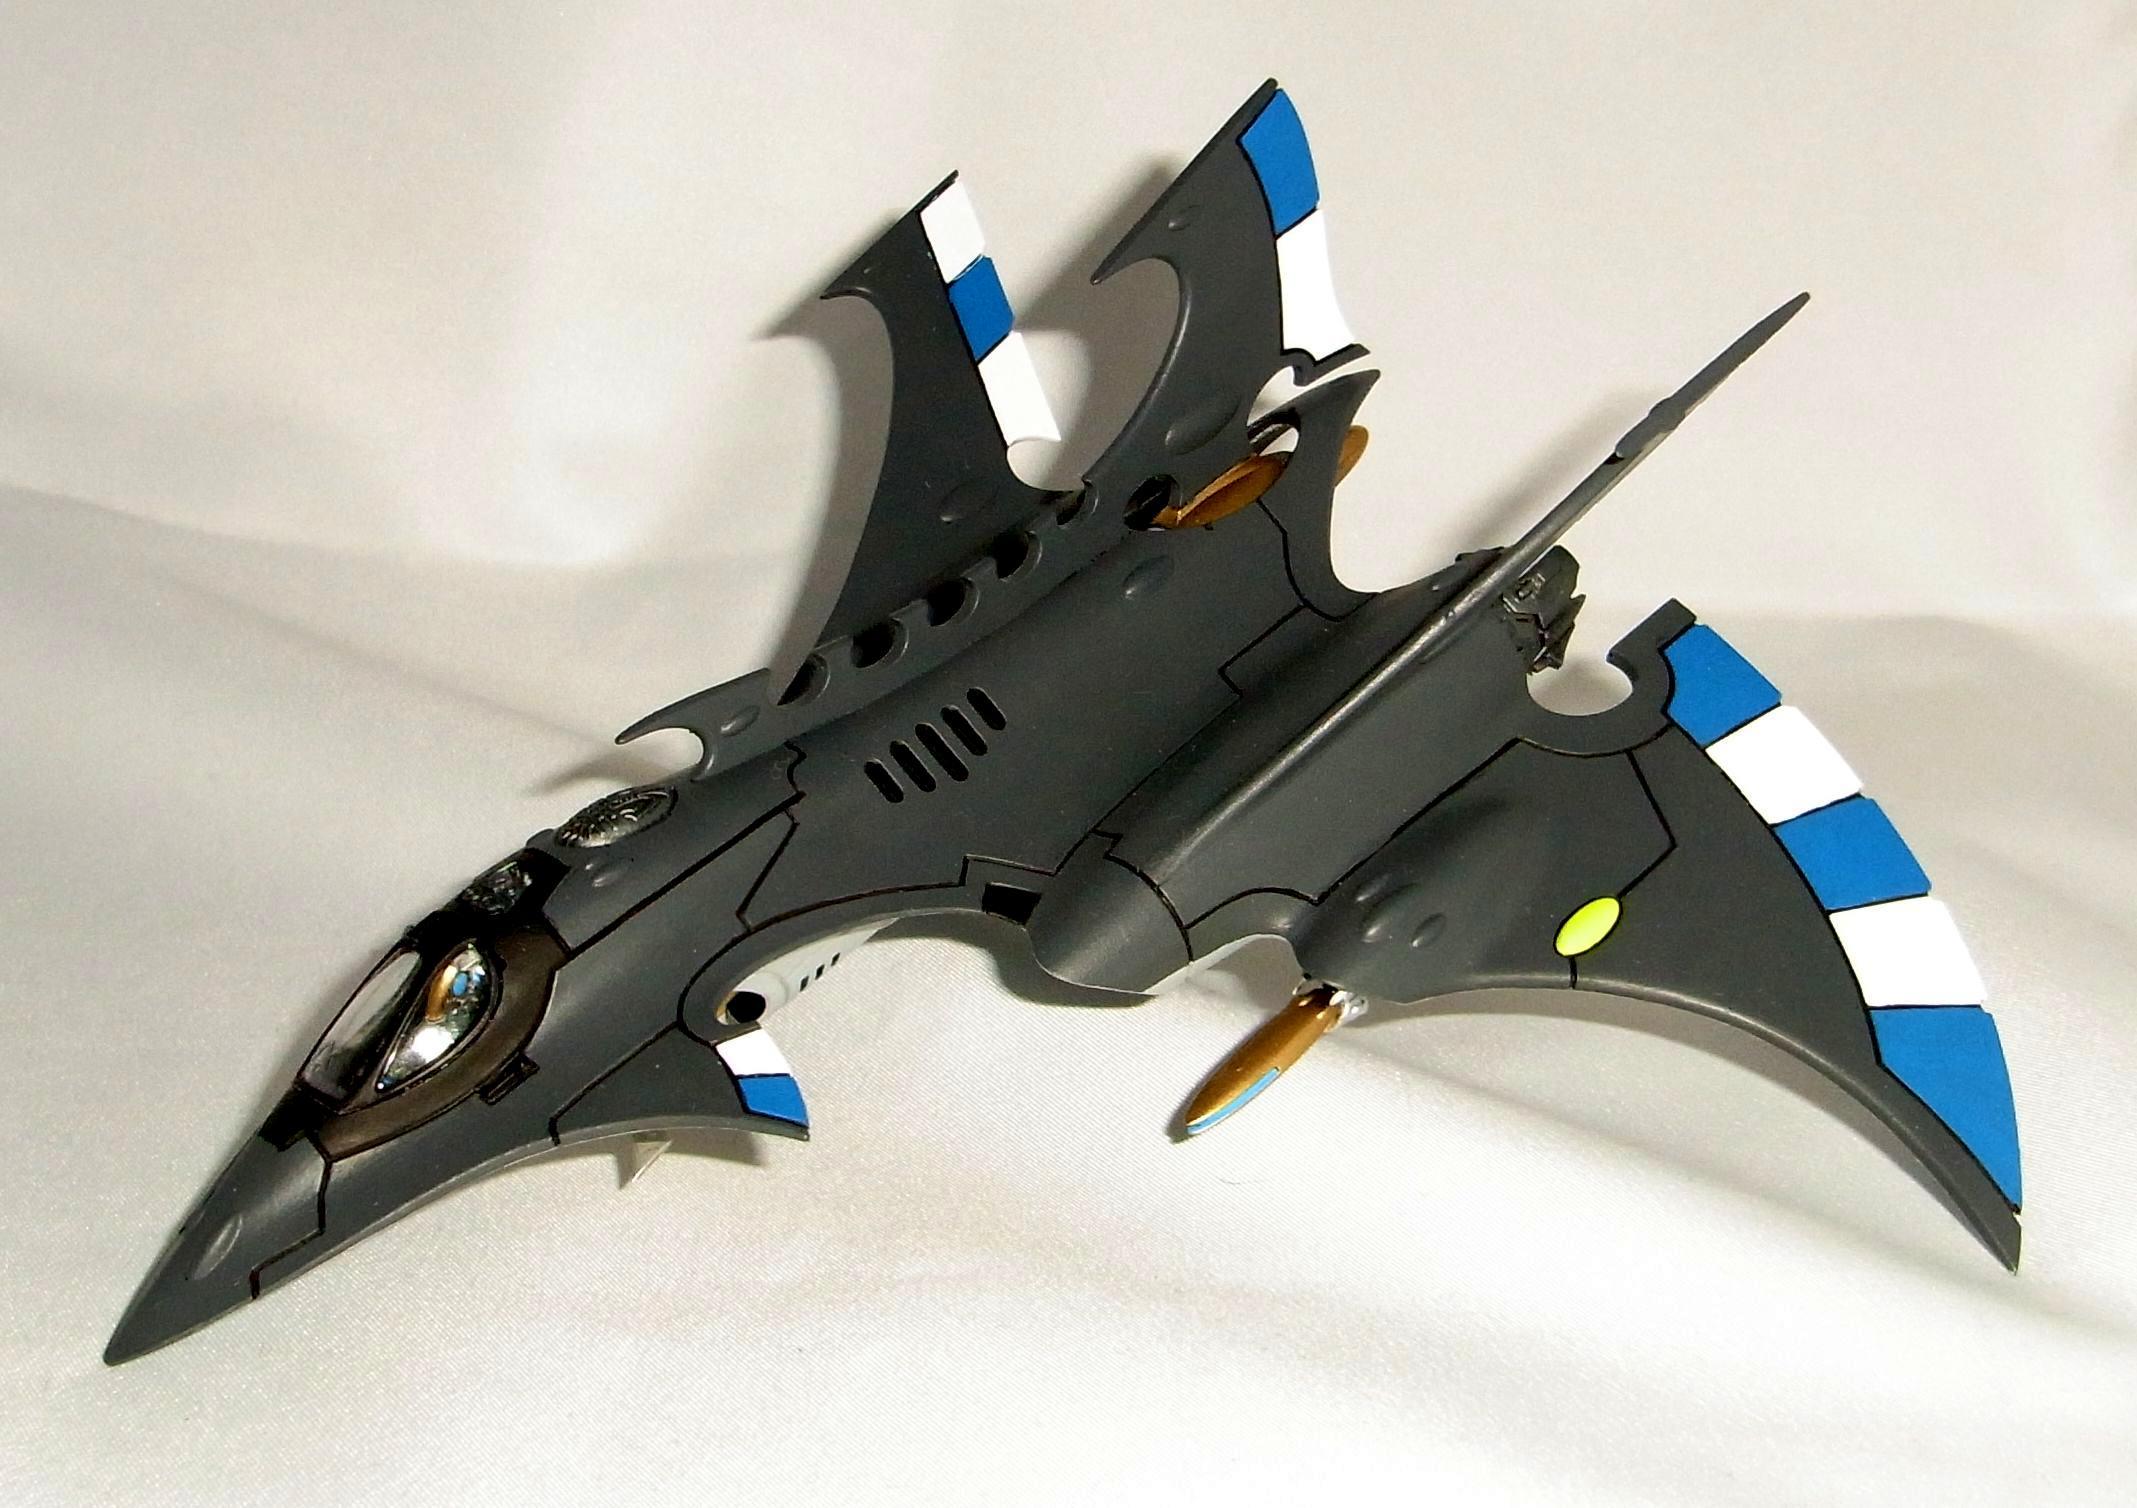 Aircraft, Crimson, Eldar, Fighter, Hemlock, Korbenn, Raider